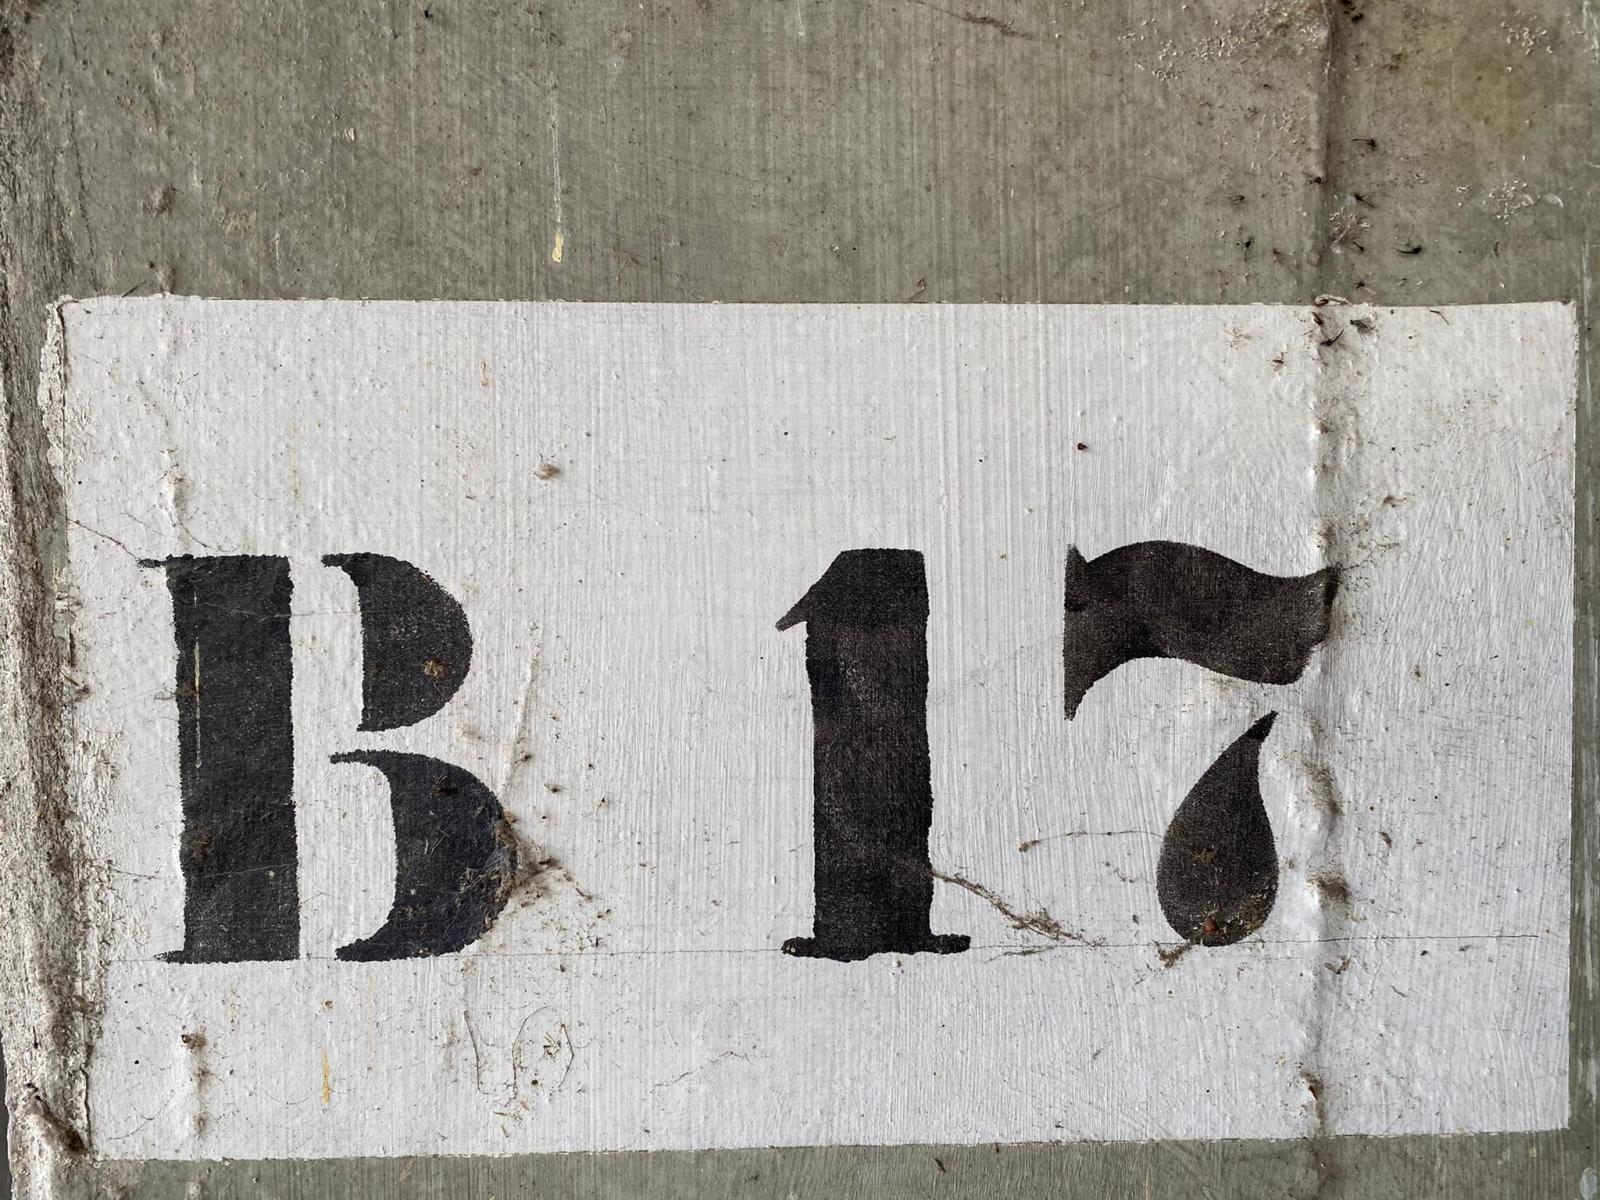 B17 - Dein Leben ist Lüge;  Theatergruppe AUJA